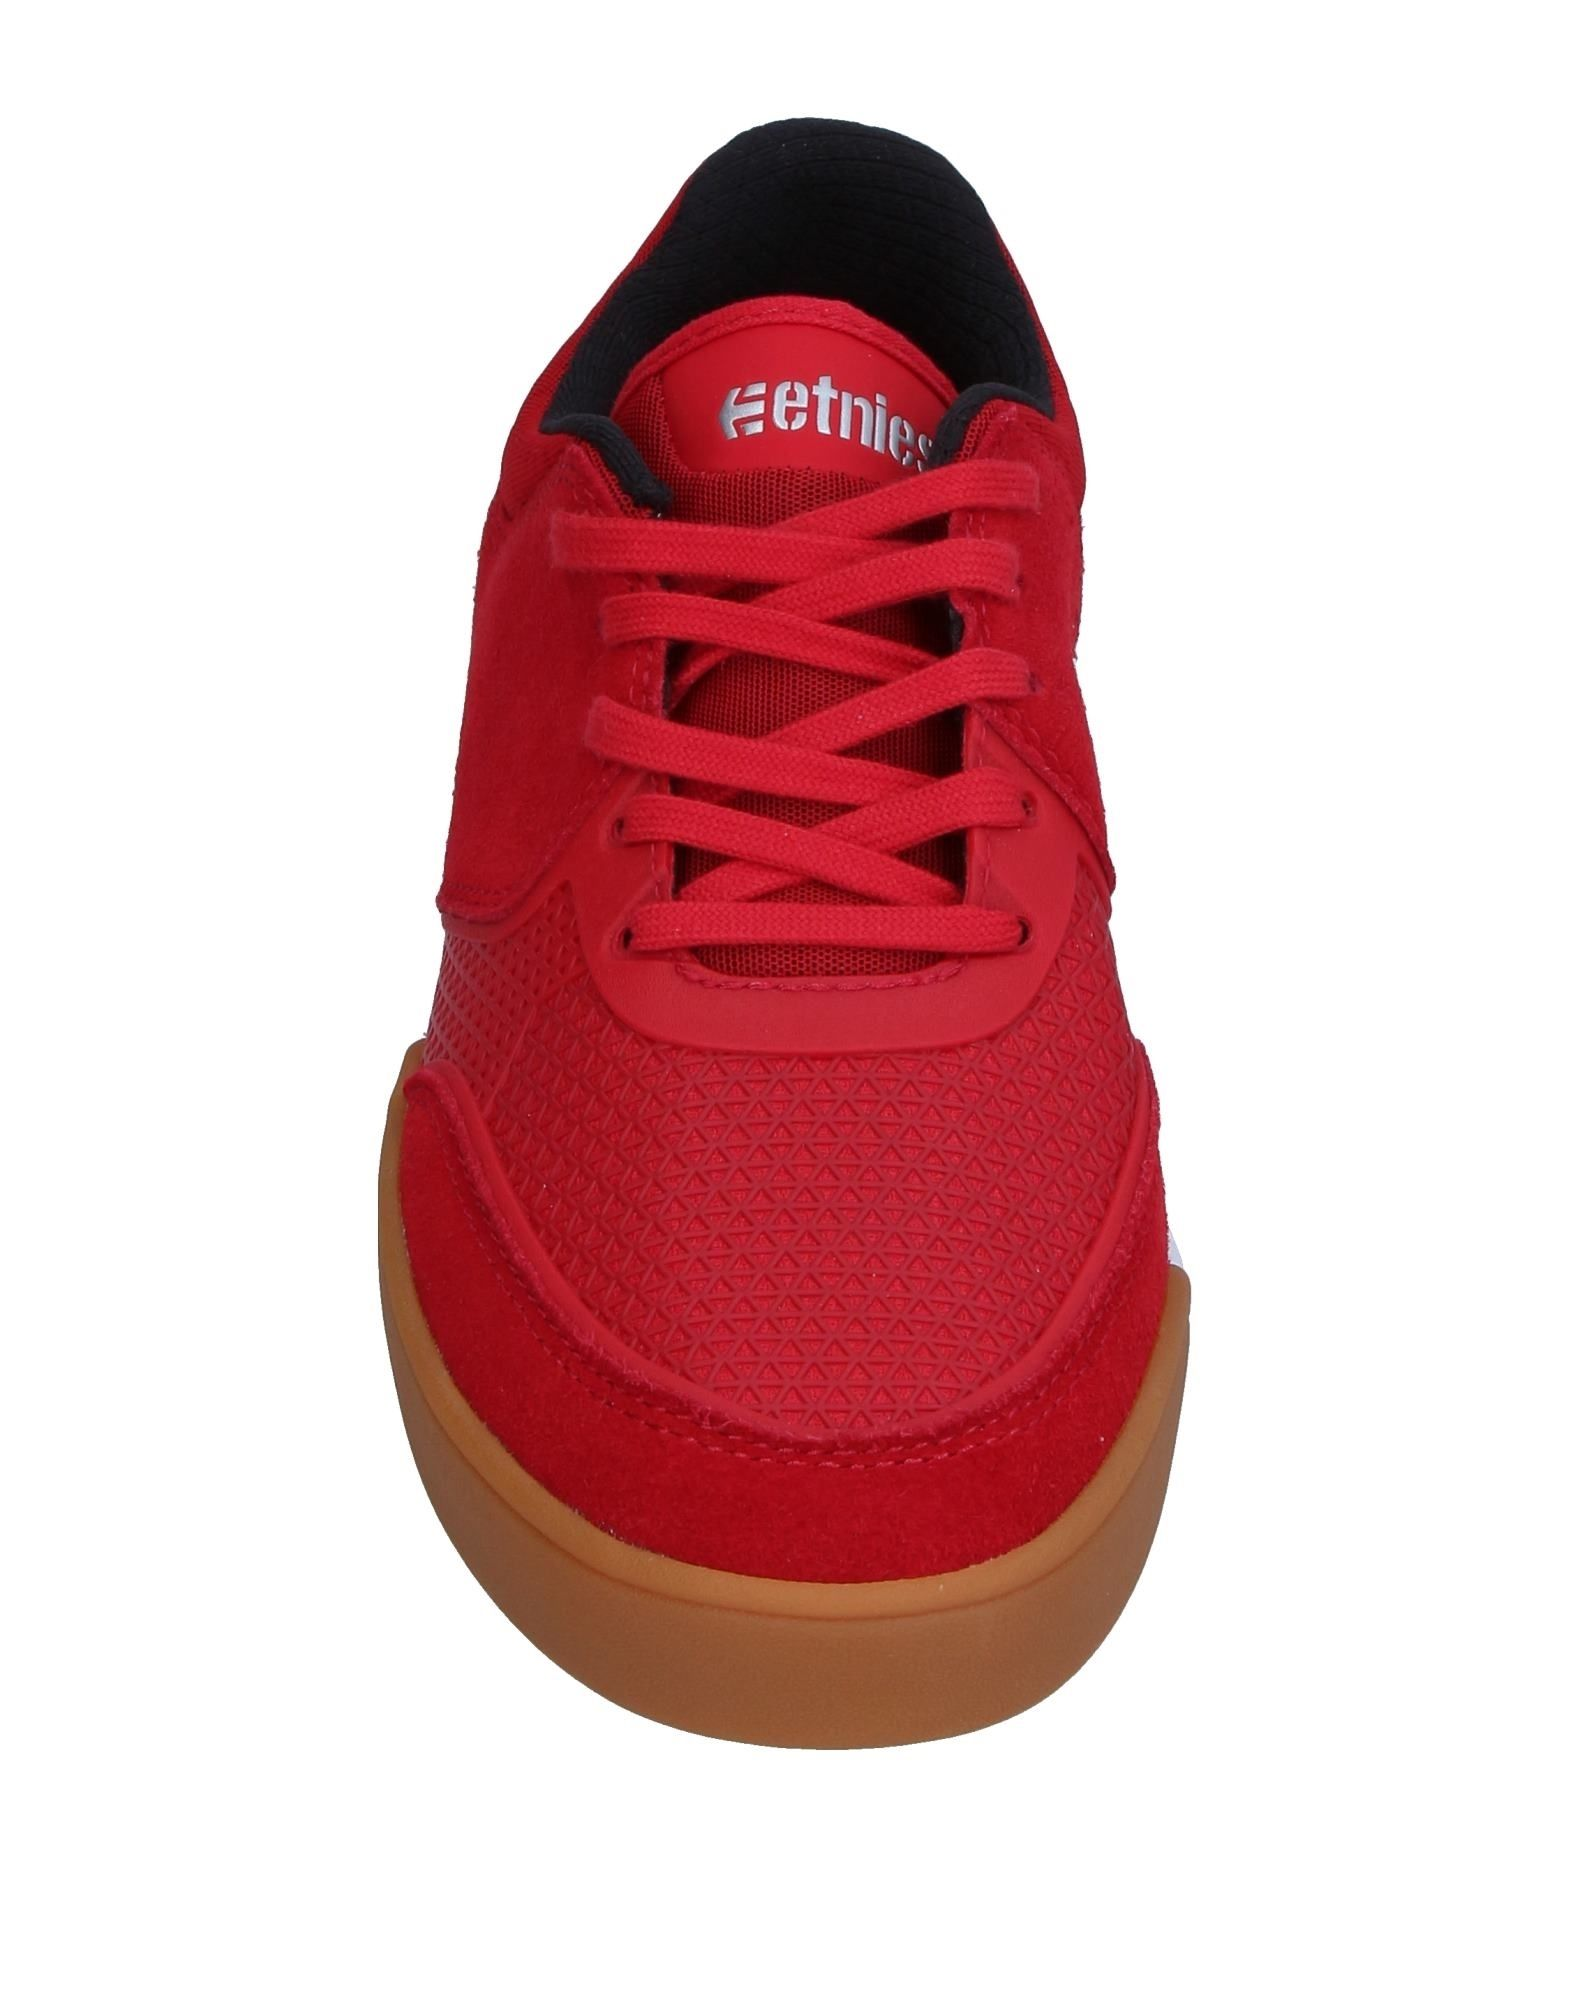 Herren Etnies Sneakers Herren   11340301OV Heiße Schuhe f43bb8